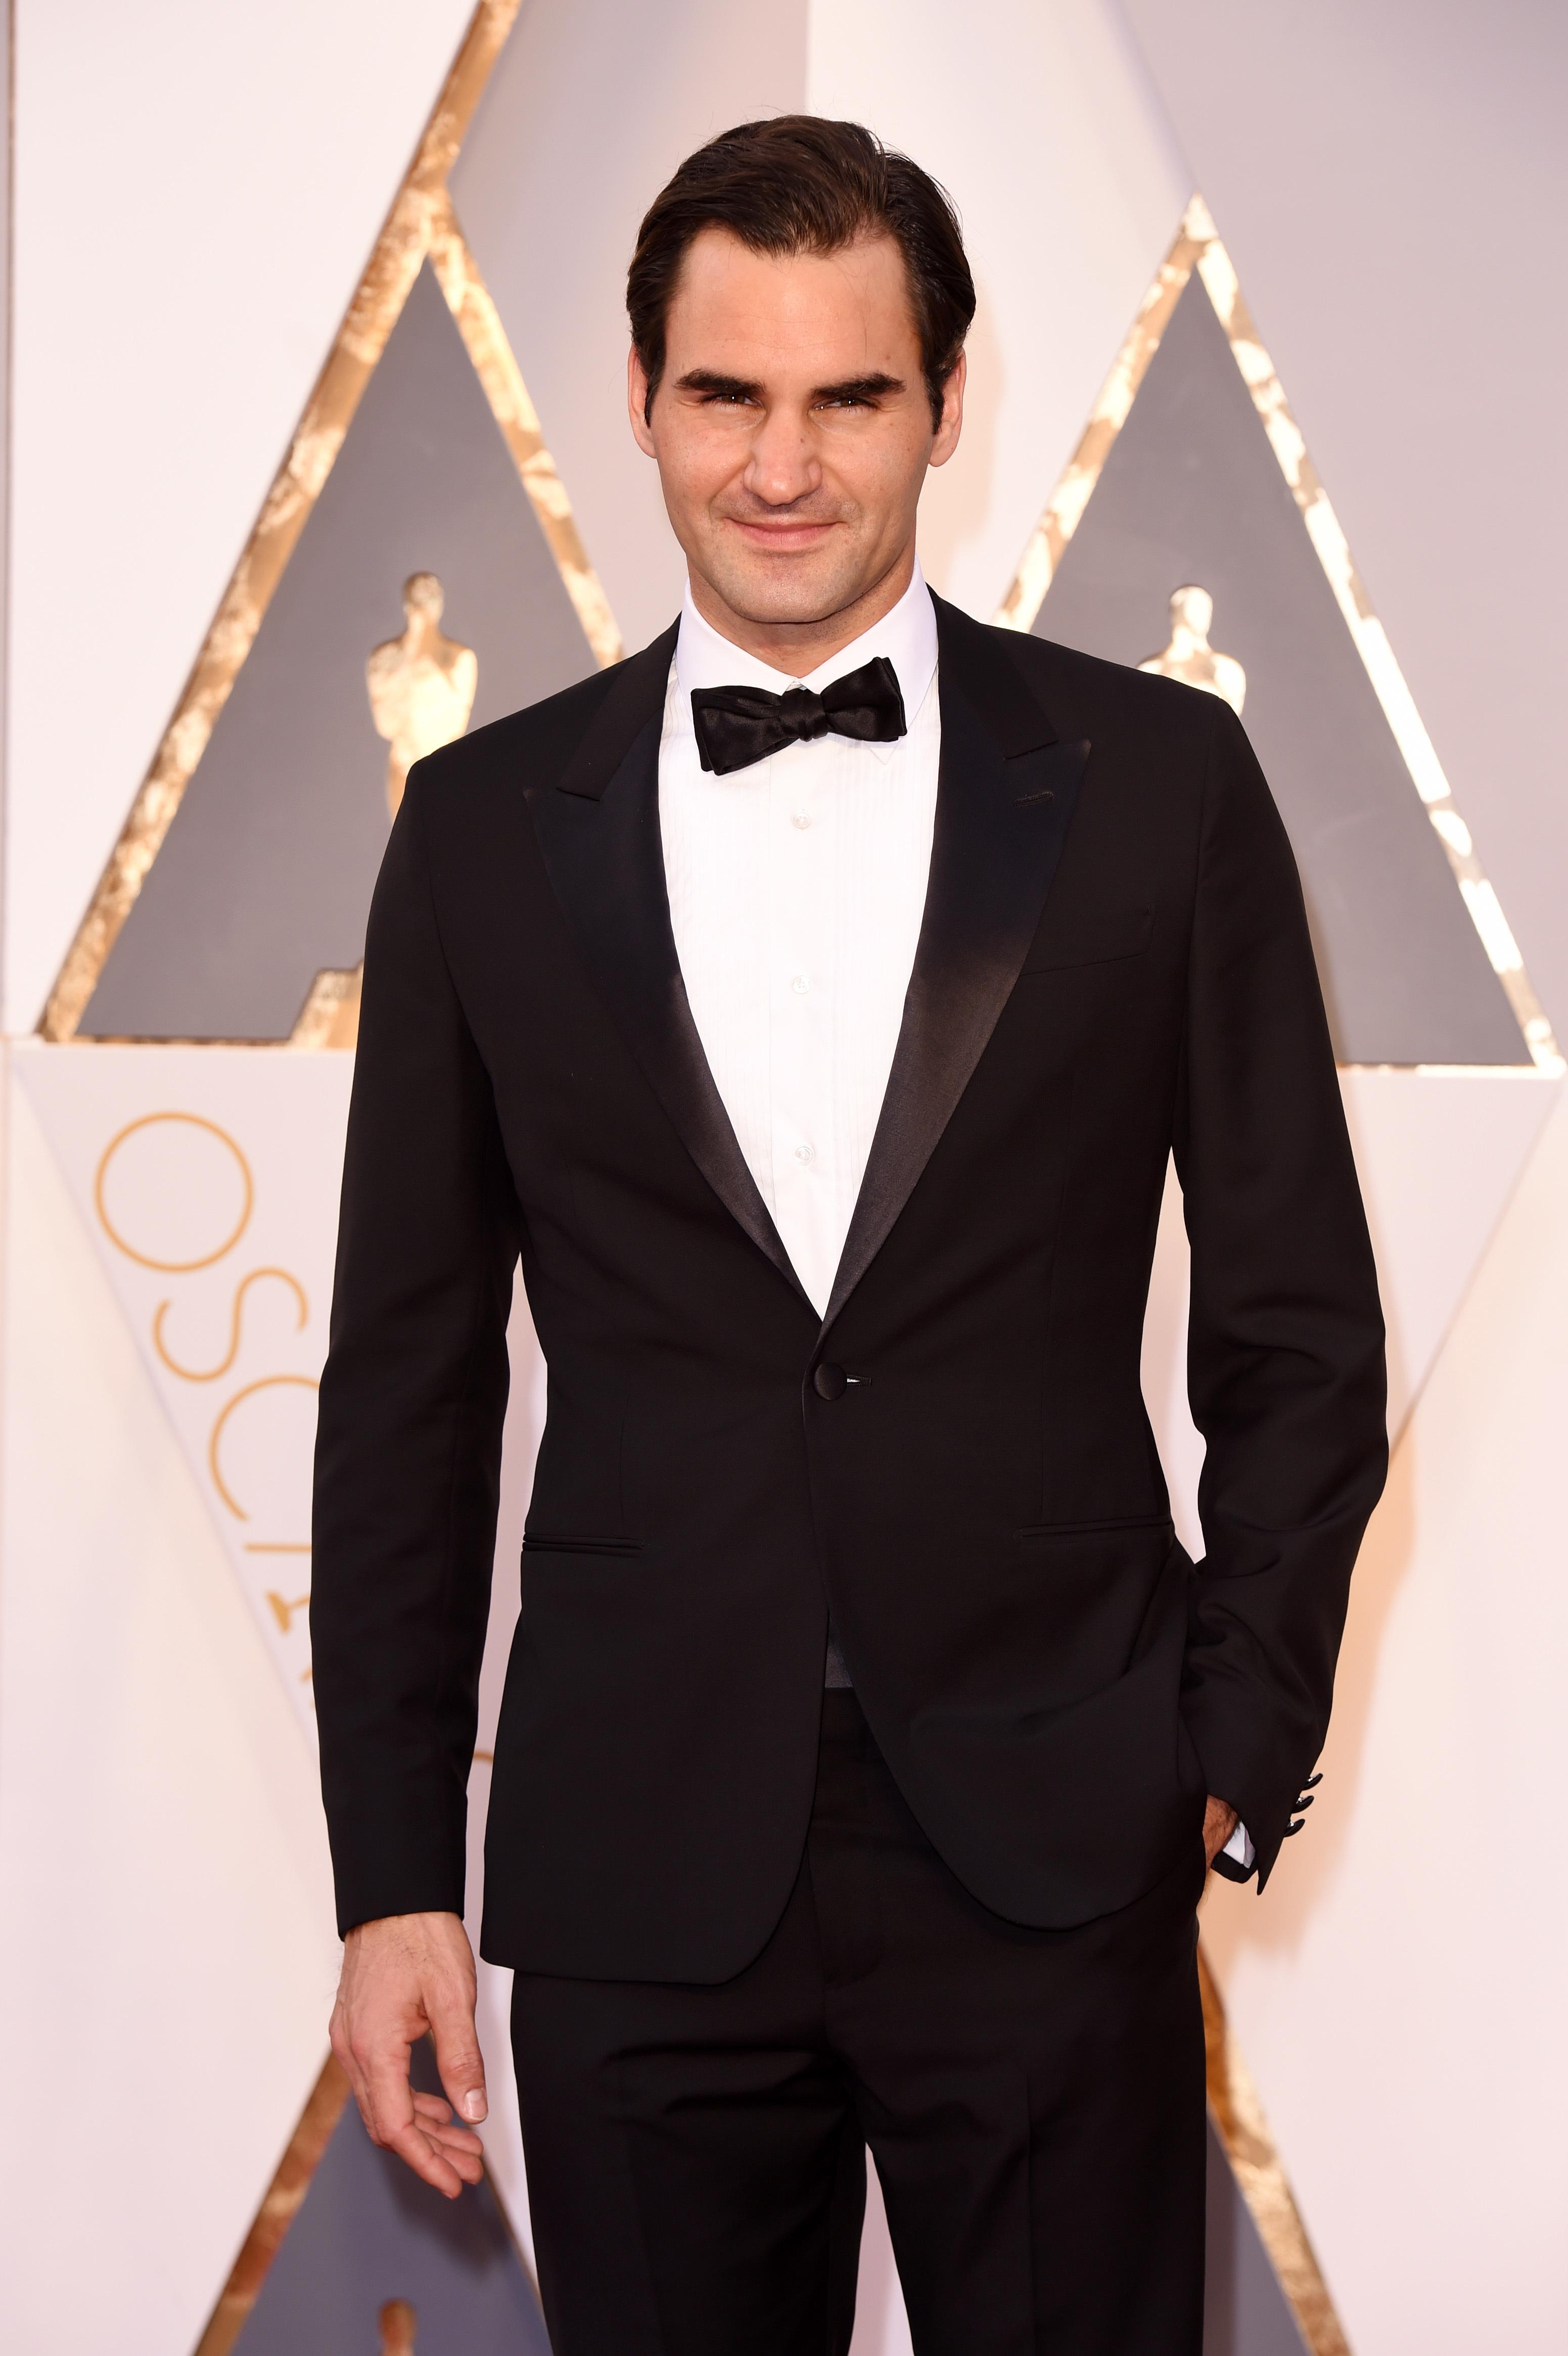 Roger Federer: $320 million